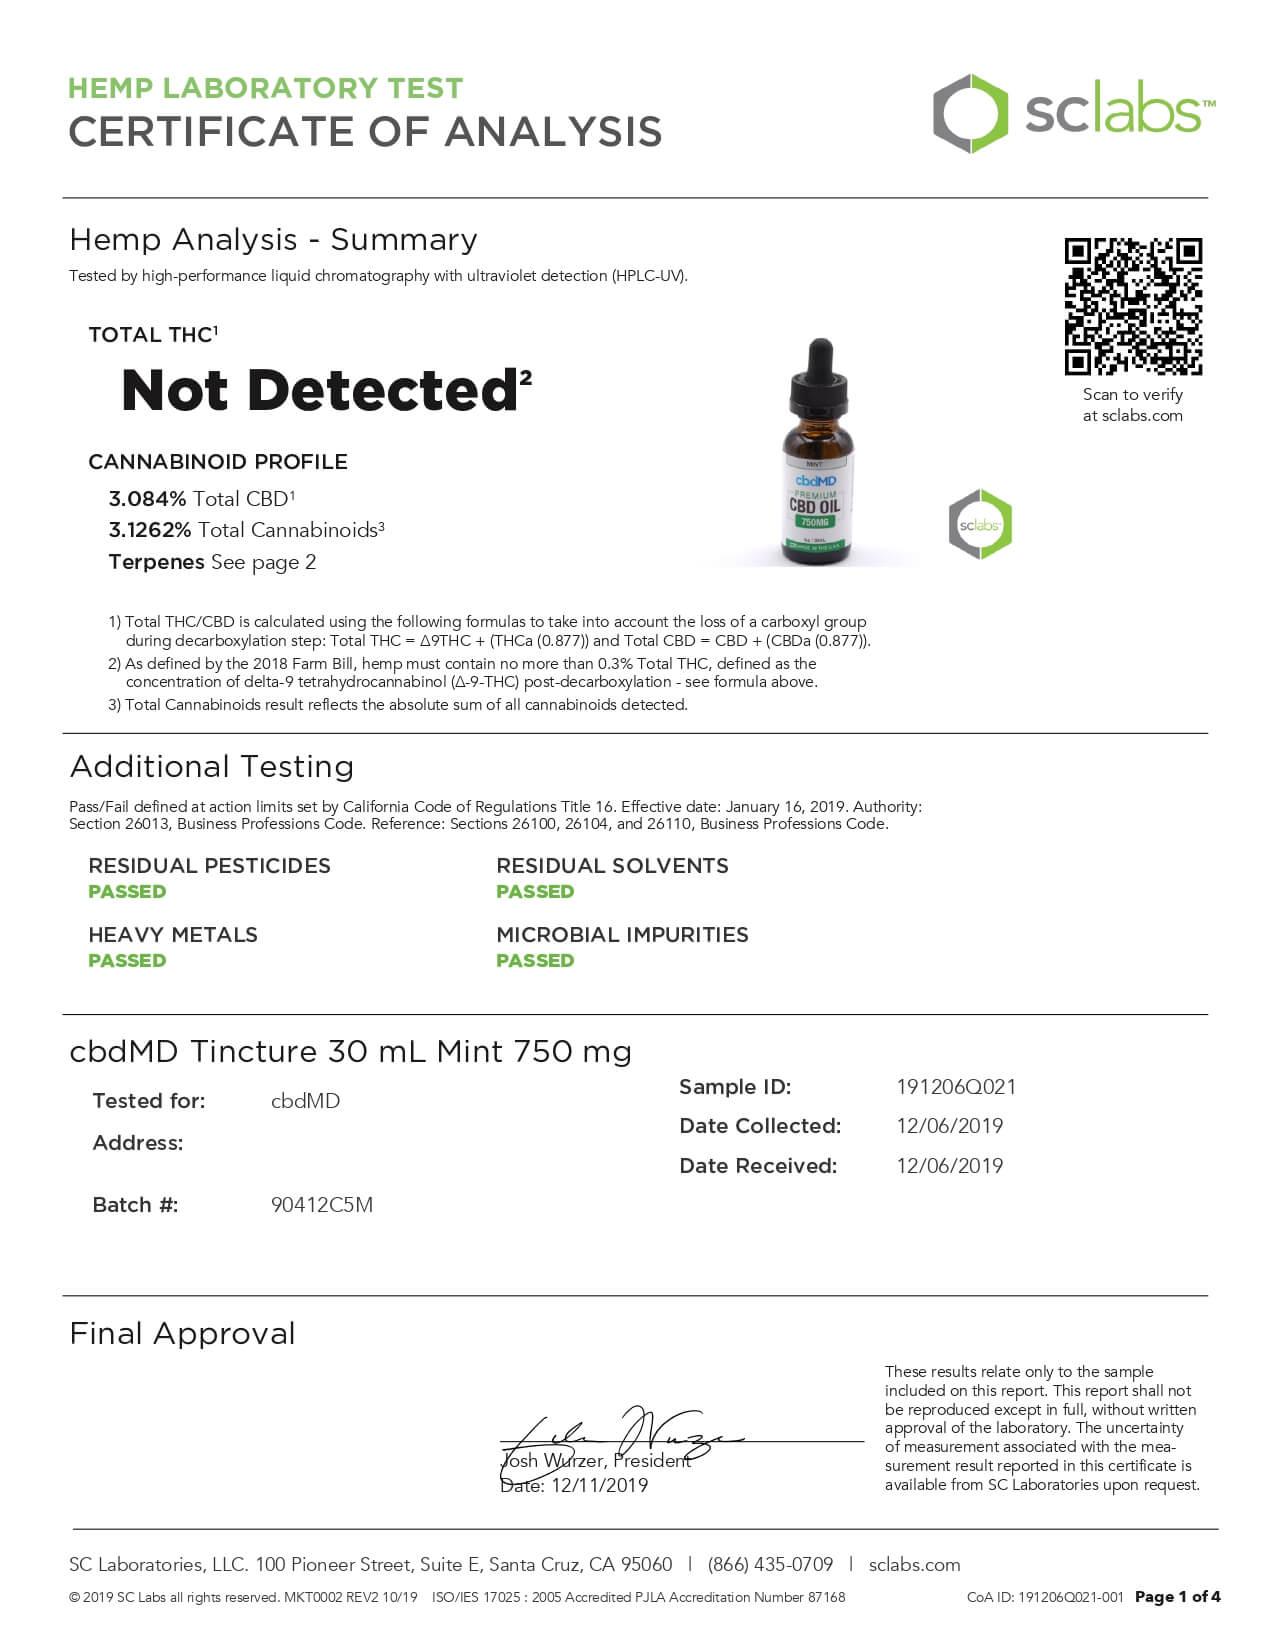 cbdMD CBD Tincture Broad Spectrum Mint 30ml 750mg Lab Report